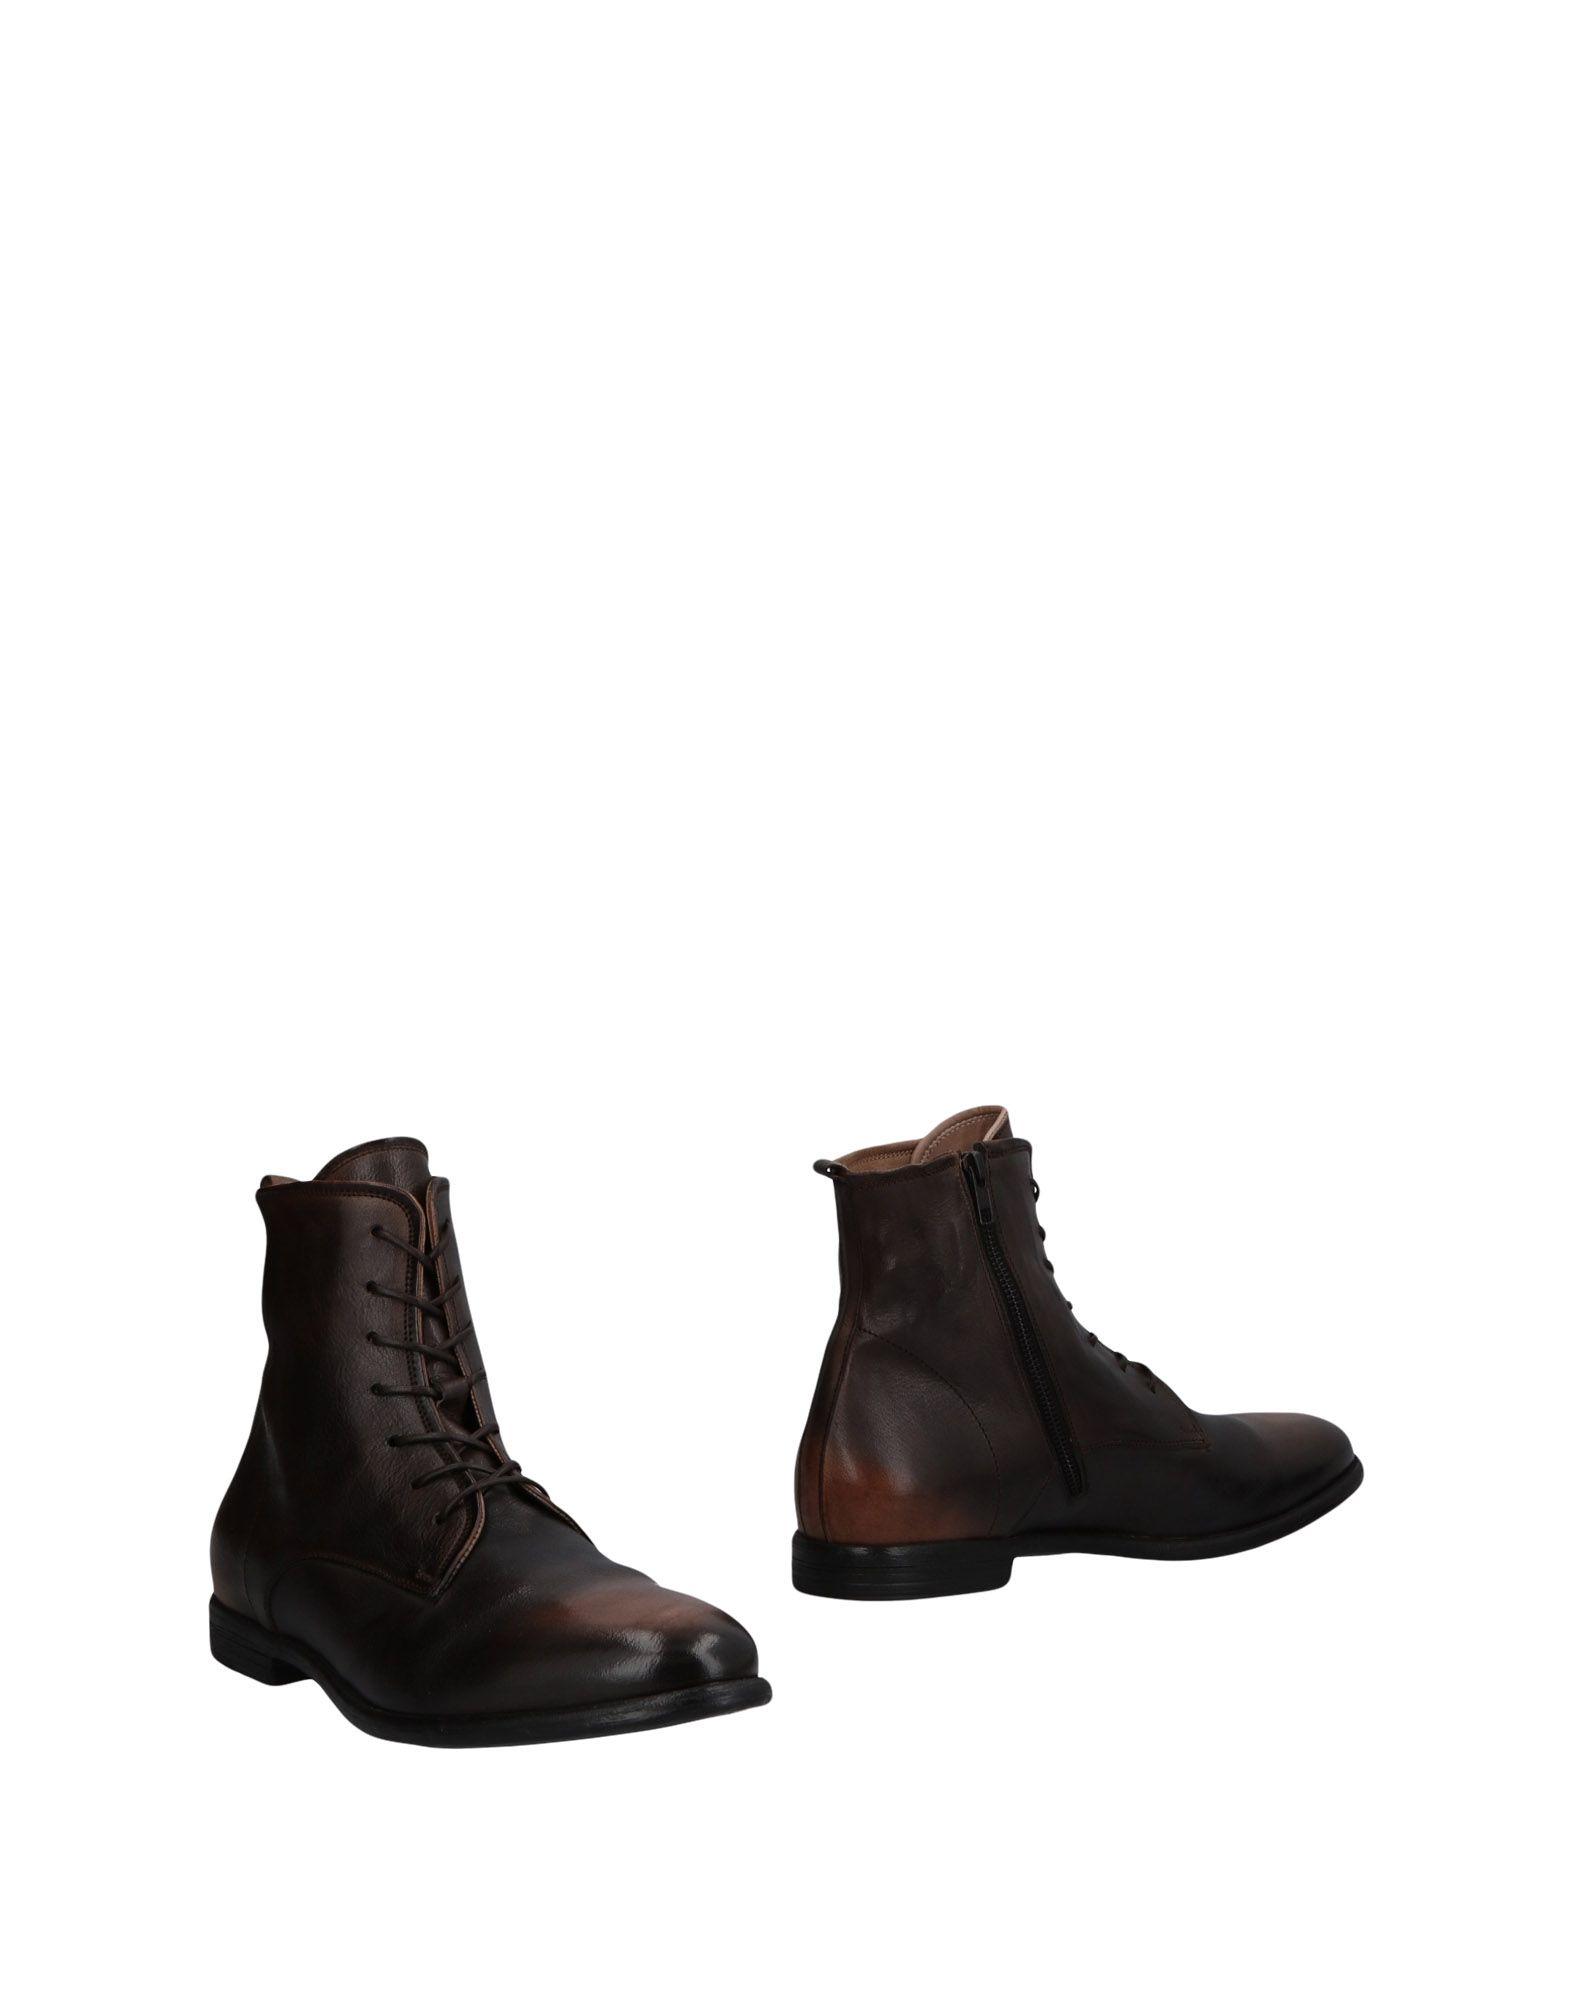 Alexander Hotto Stiefelette 11486512HH Herren  11486512HH Stiefelette Neue Schuhe 3d192b